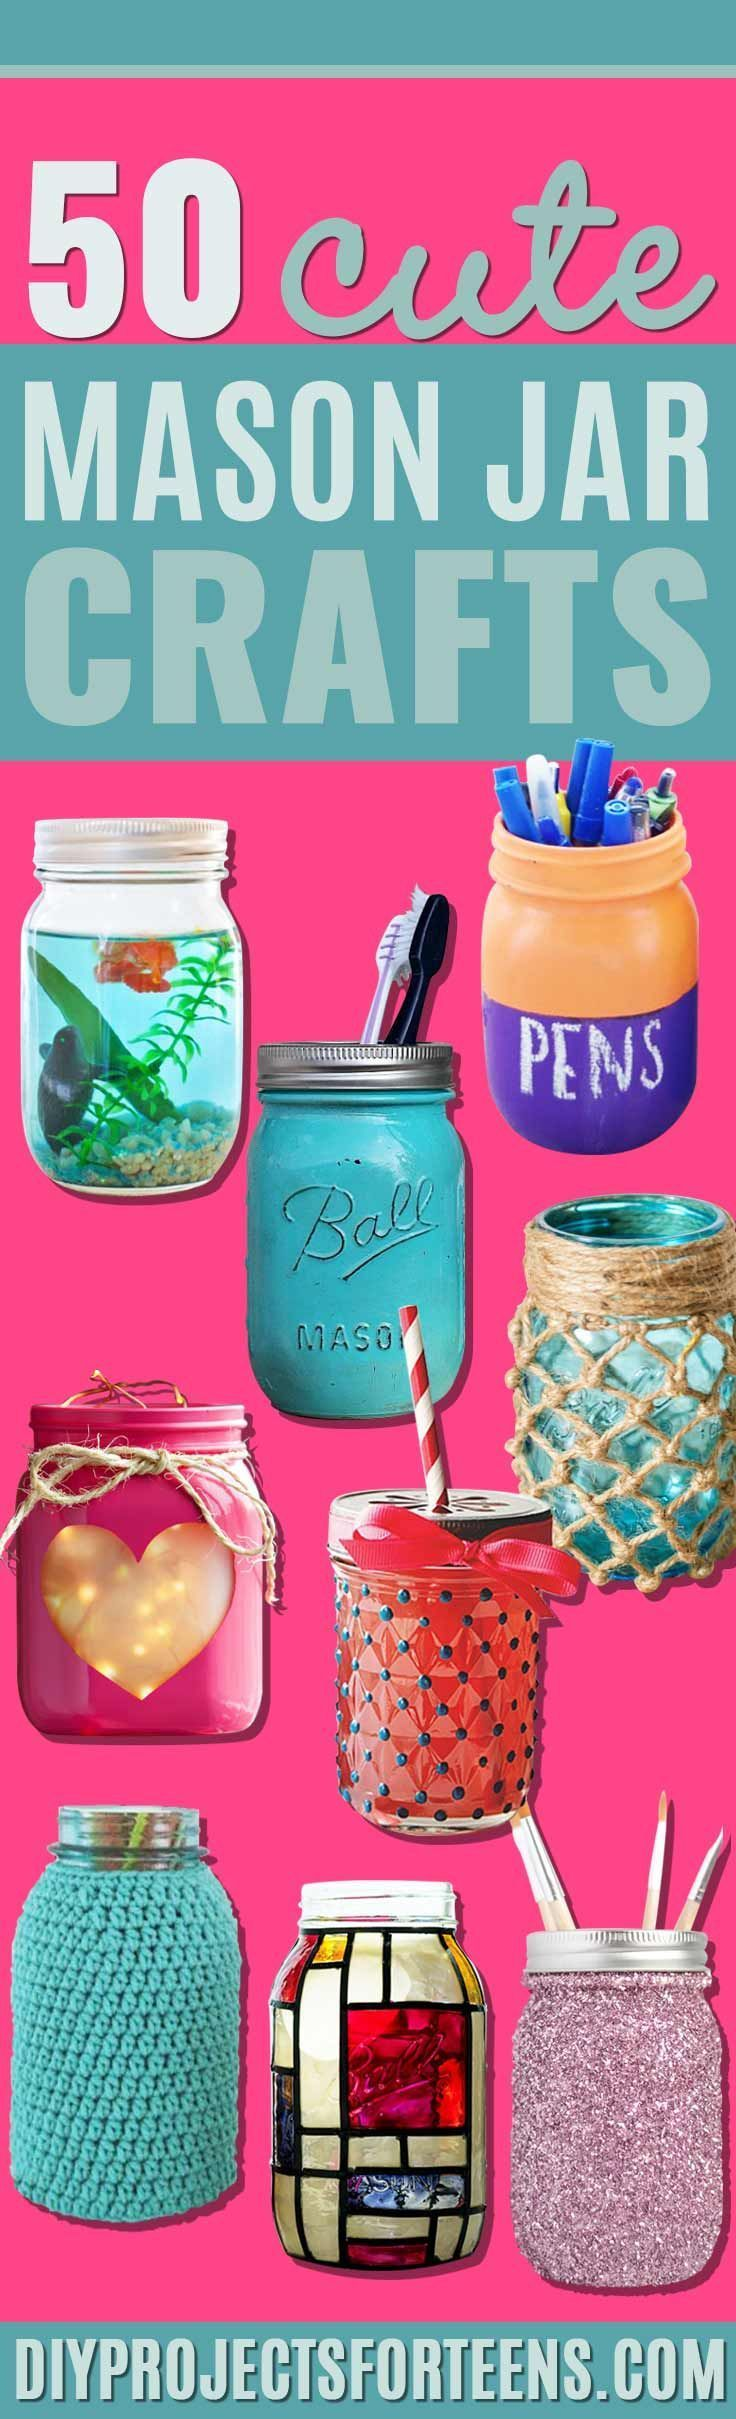 best mason jars images on pinterest mason jar crafts mason